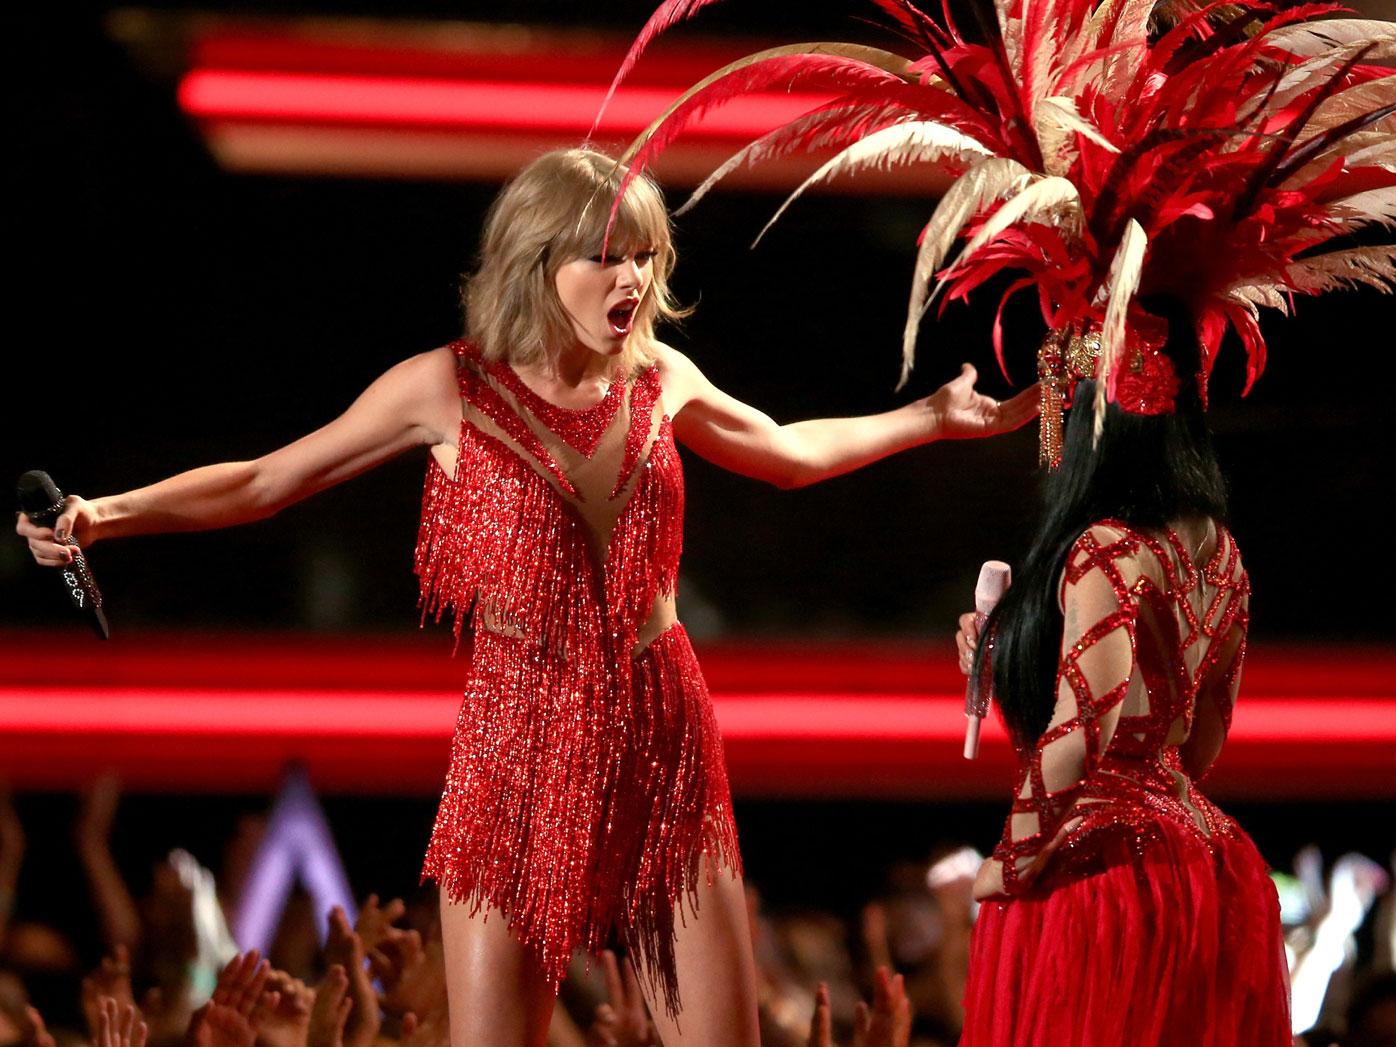 Taylor and Nicki